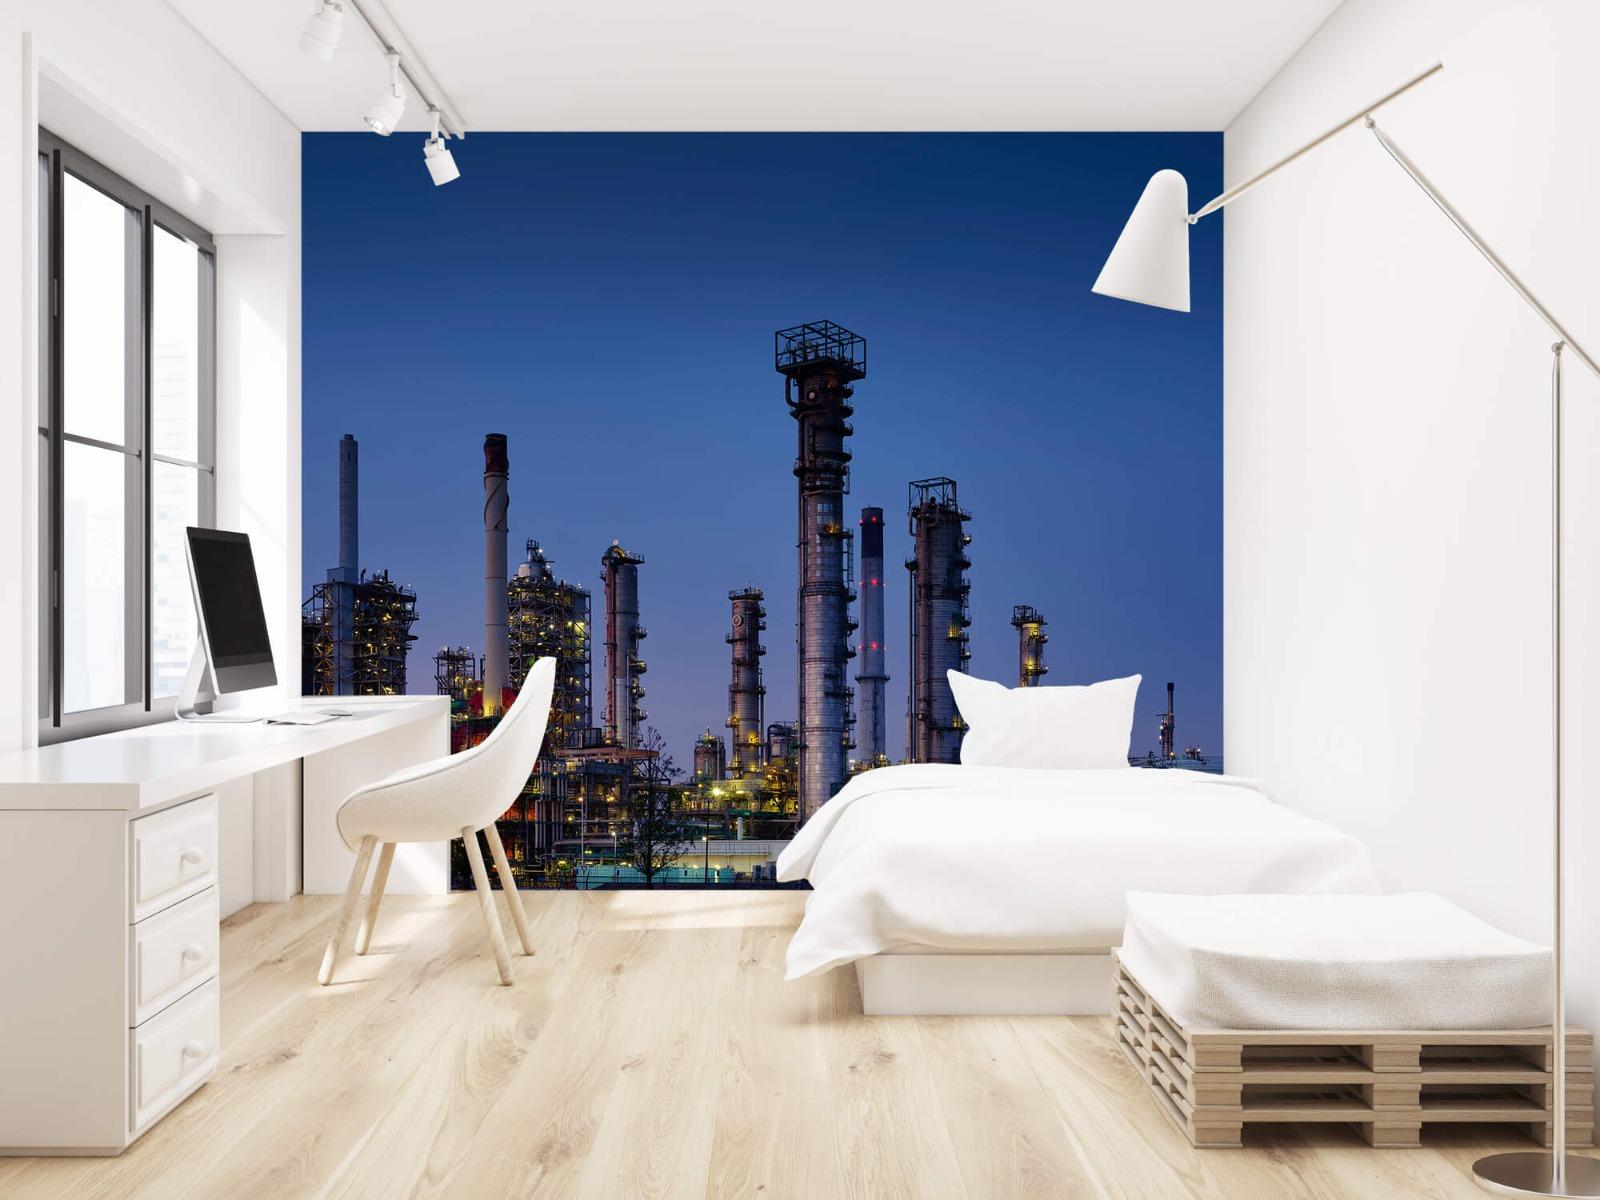 Steden behang - Industrie Botlek - Hobbykamer 22